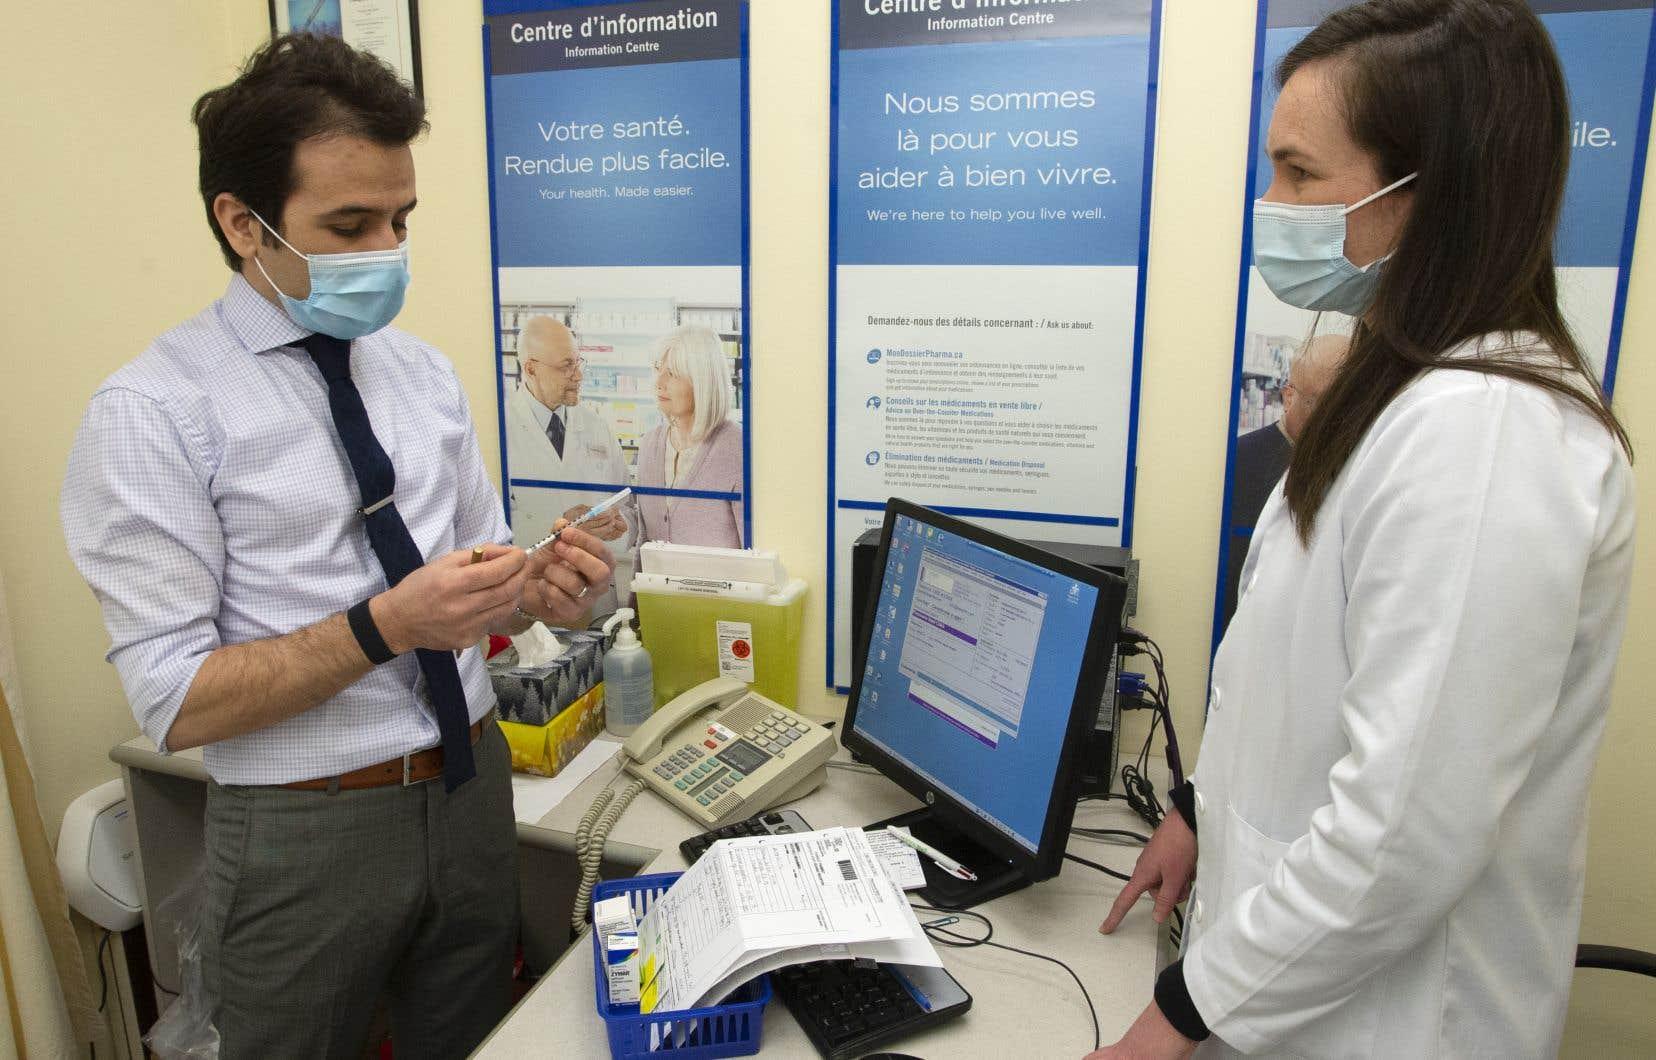 Nabil Chikh, comme bien d'autres pharmaciens à Montréal, est prêt à commencer l'opération de vaccination contre la COVID-19 dans ses locaux.